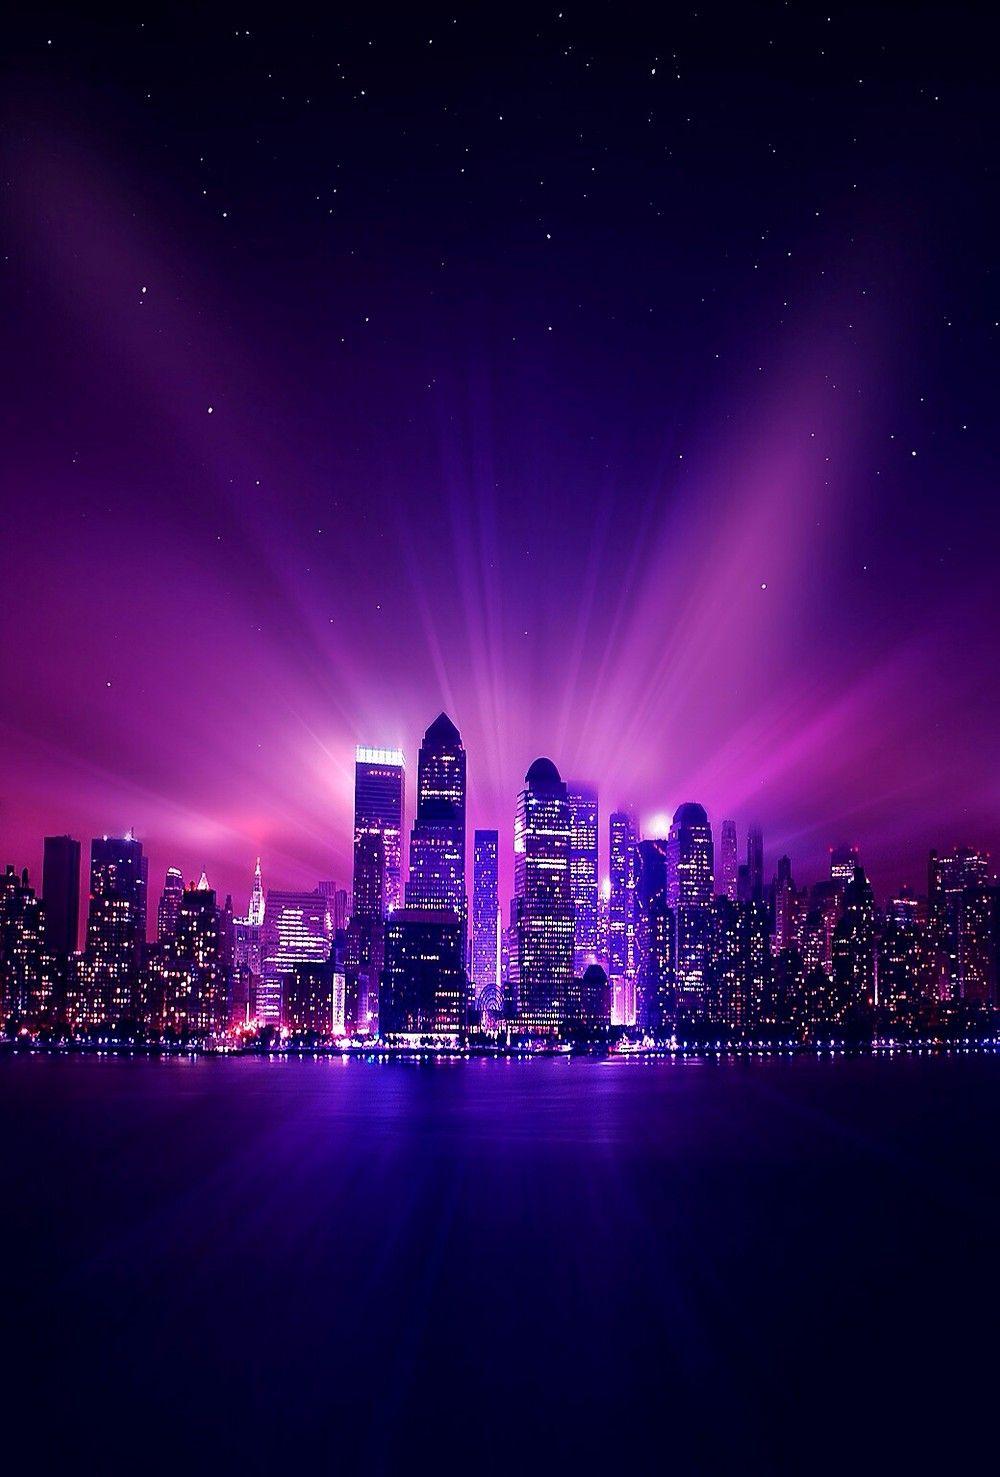 A Violet Flame City Purple City Purple Wallpaper City Wallpaper Dark purple aesthetic wallpaper city